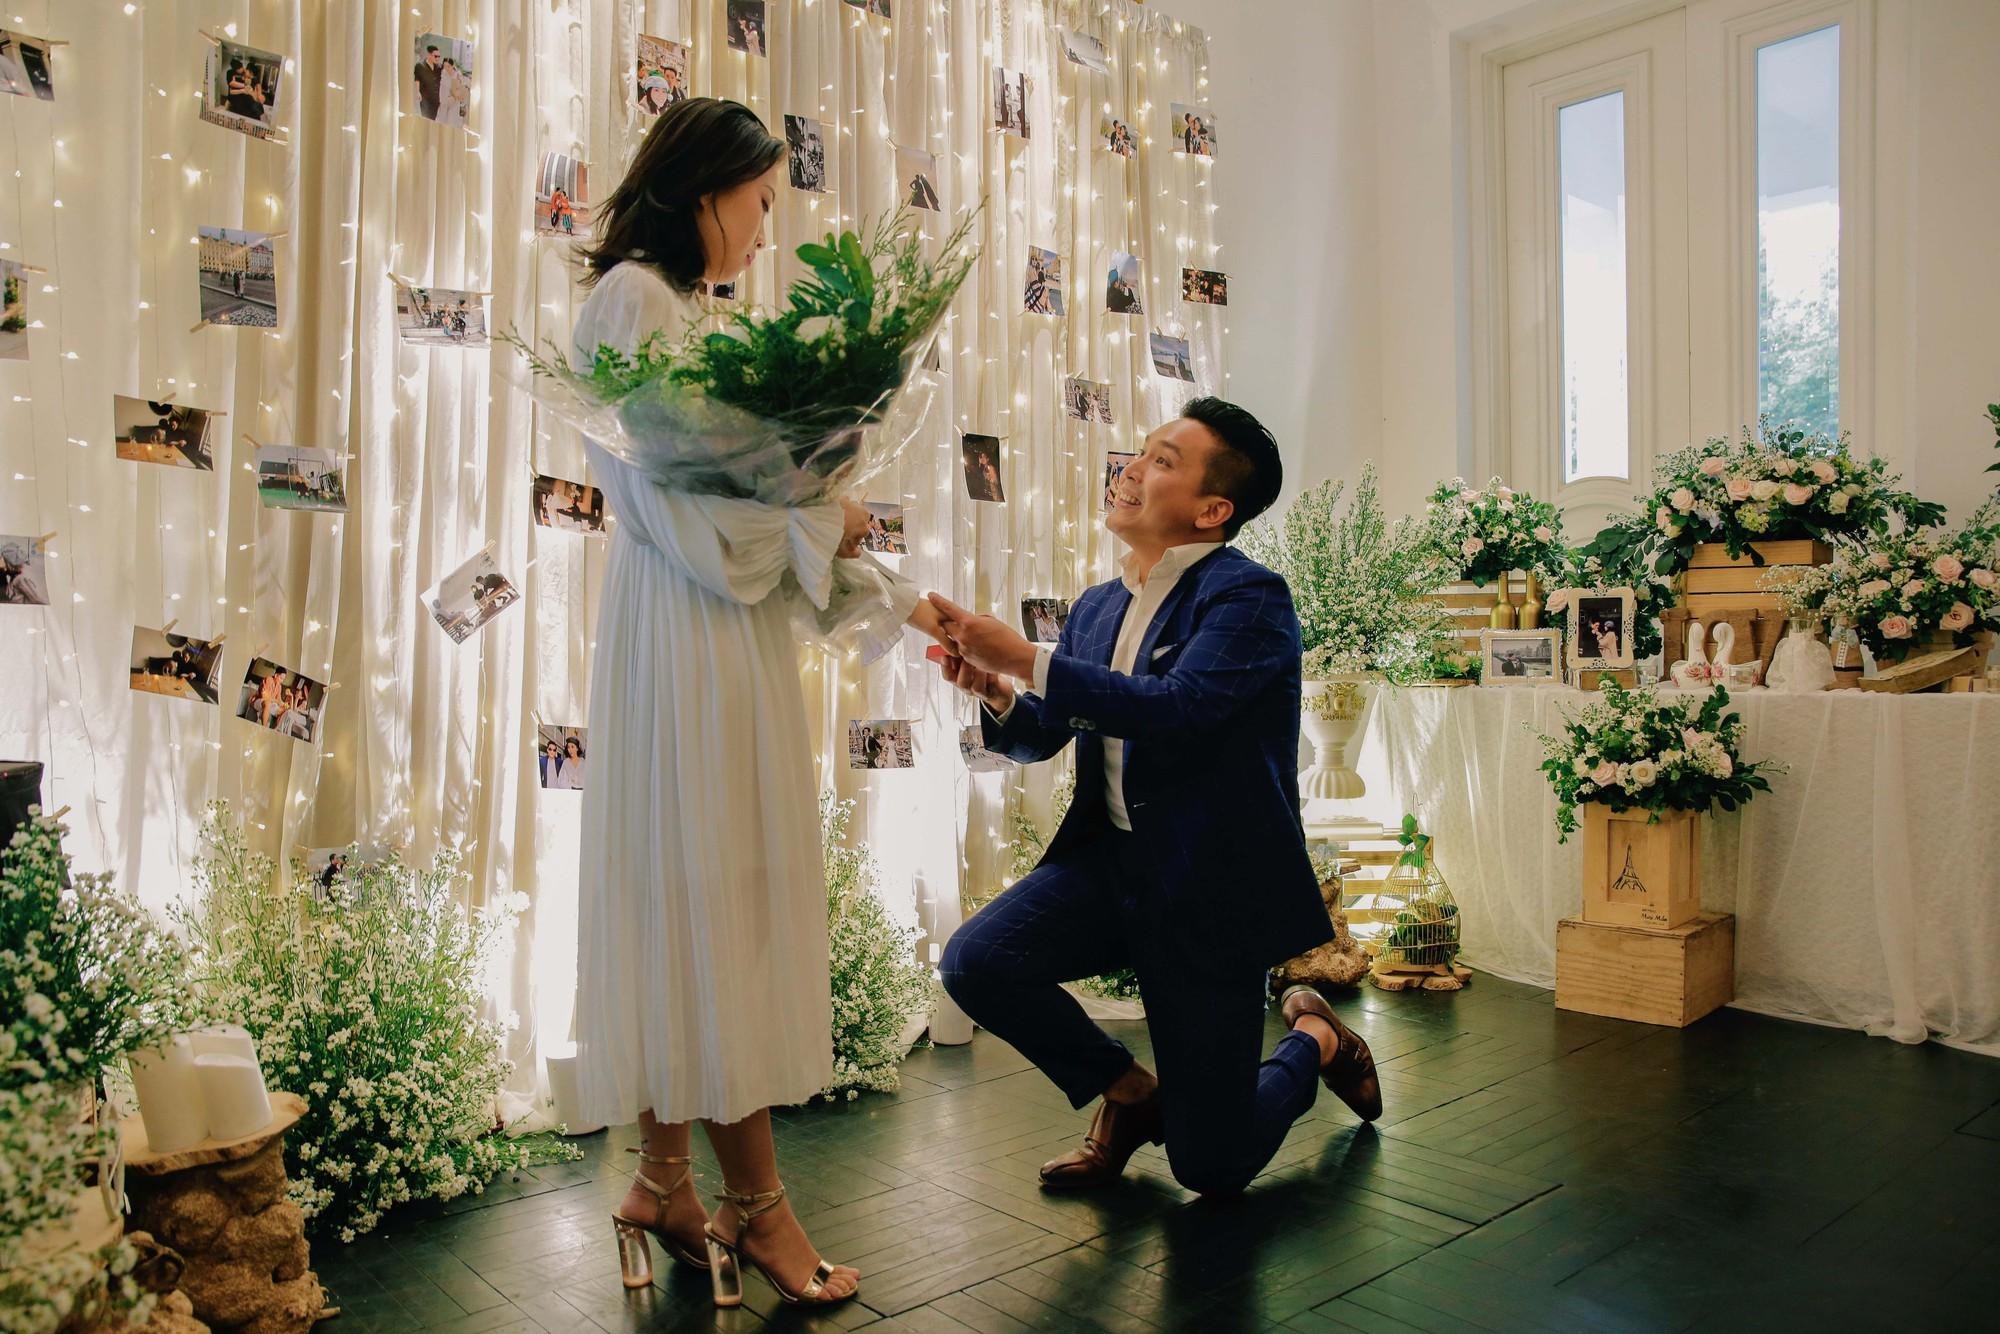 Chân dung bạn trai Việt Kiều vừa cầu hôn MC Liêu Hà Trinh   - Ảnh 3.